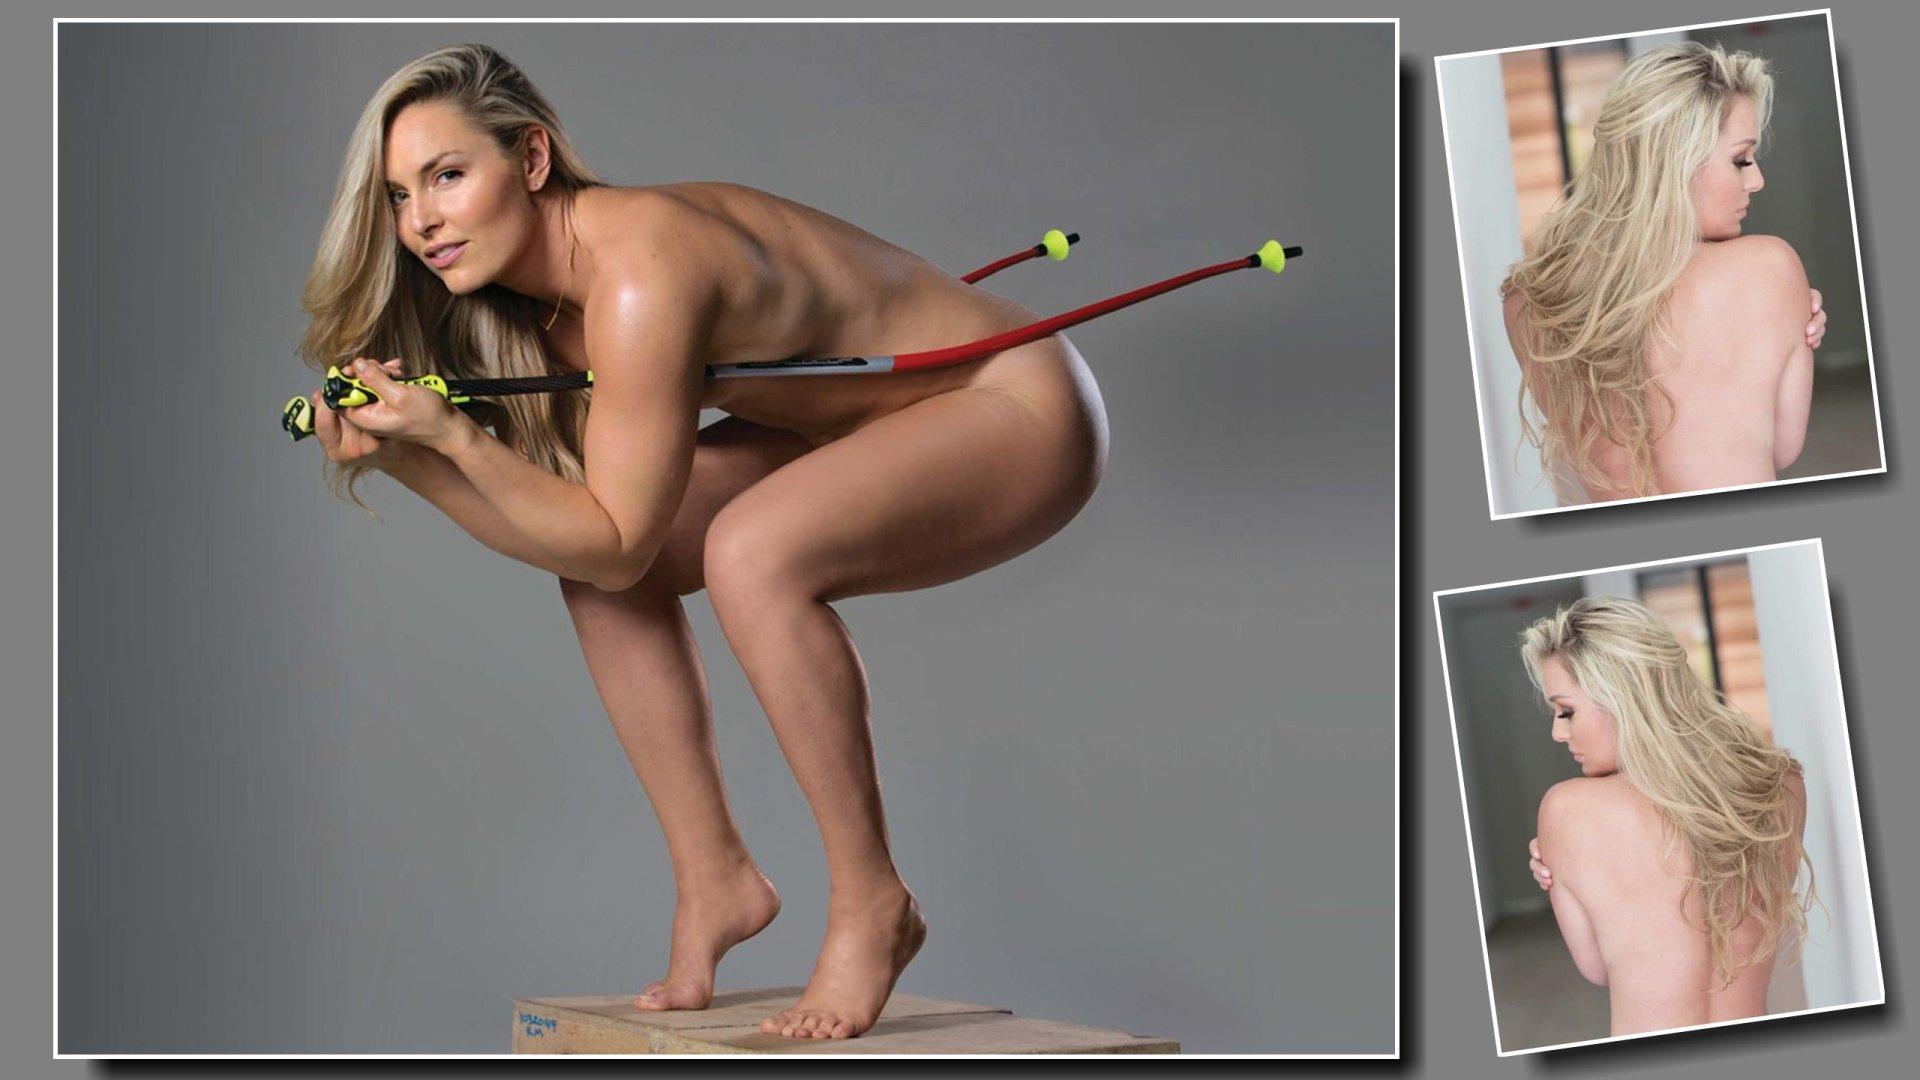 Lindsey vonn preparing for legal battle after nude photos of her, tiger woods leak online